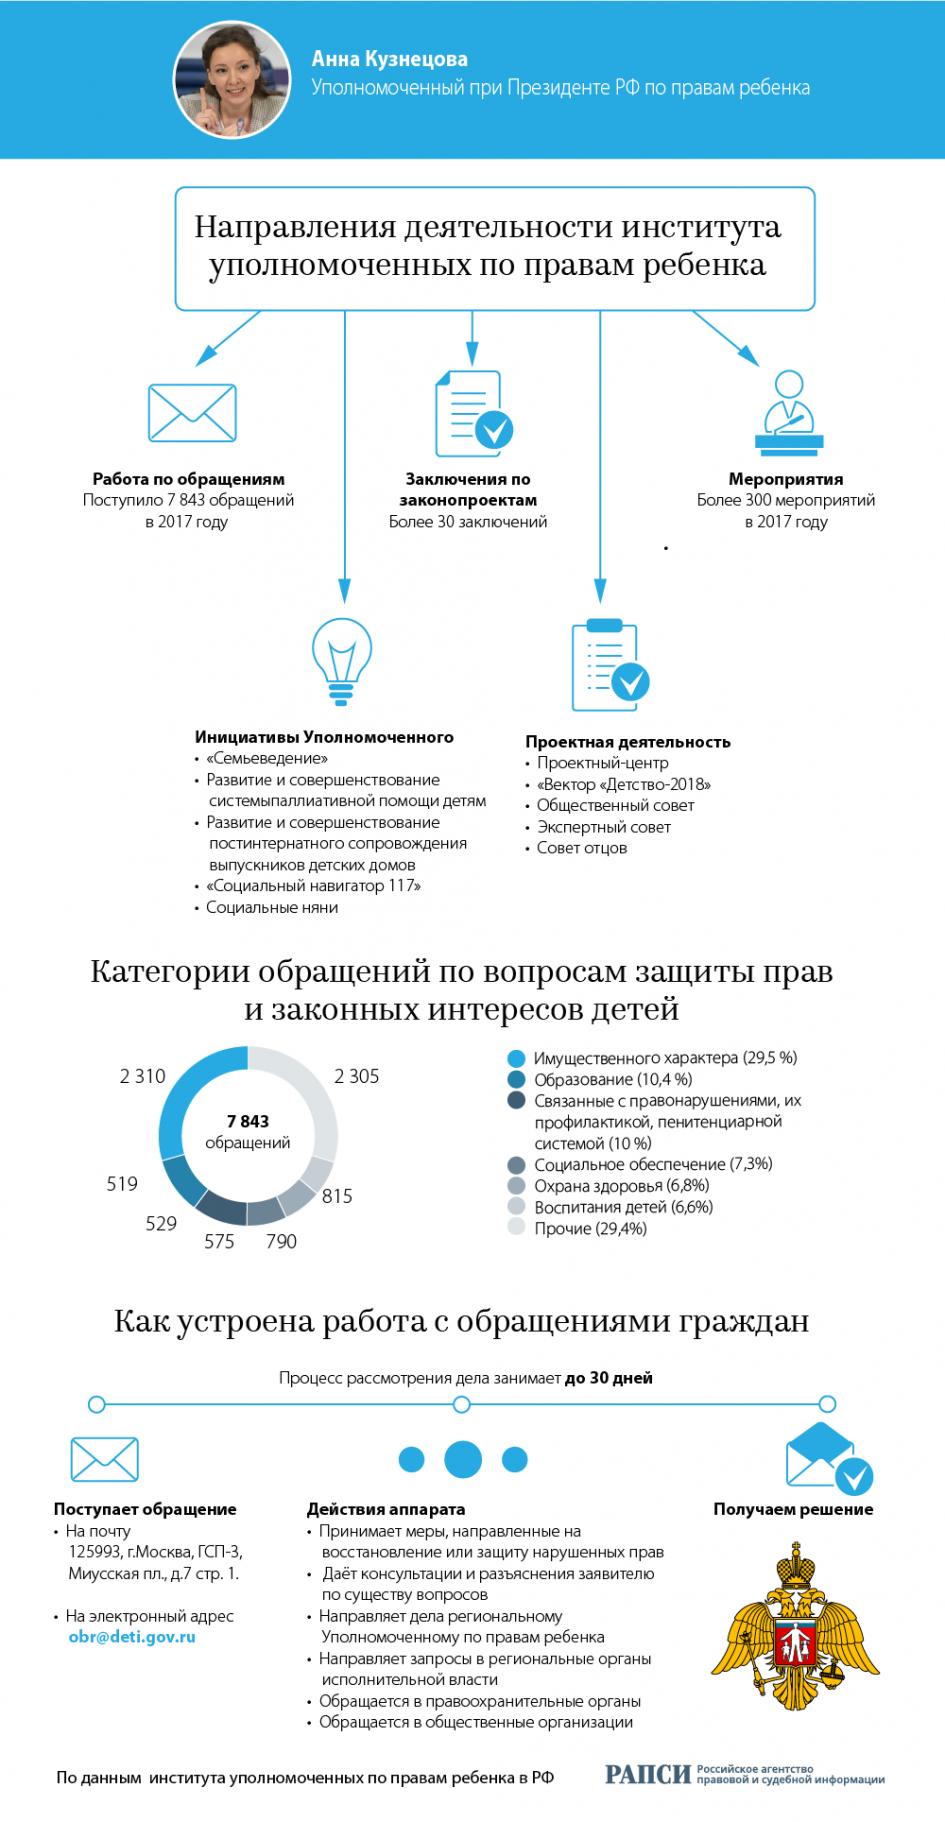 «Деятельность института уполномоченных по правам ребенка » от rapsinews.ru